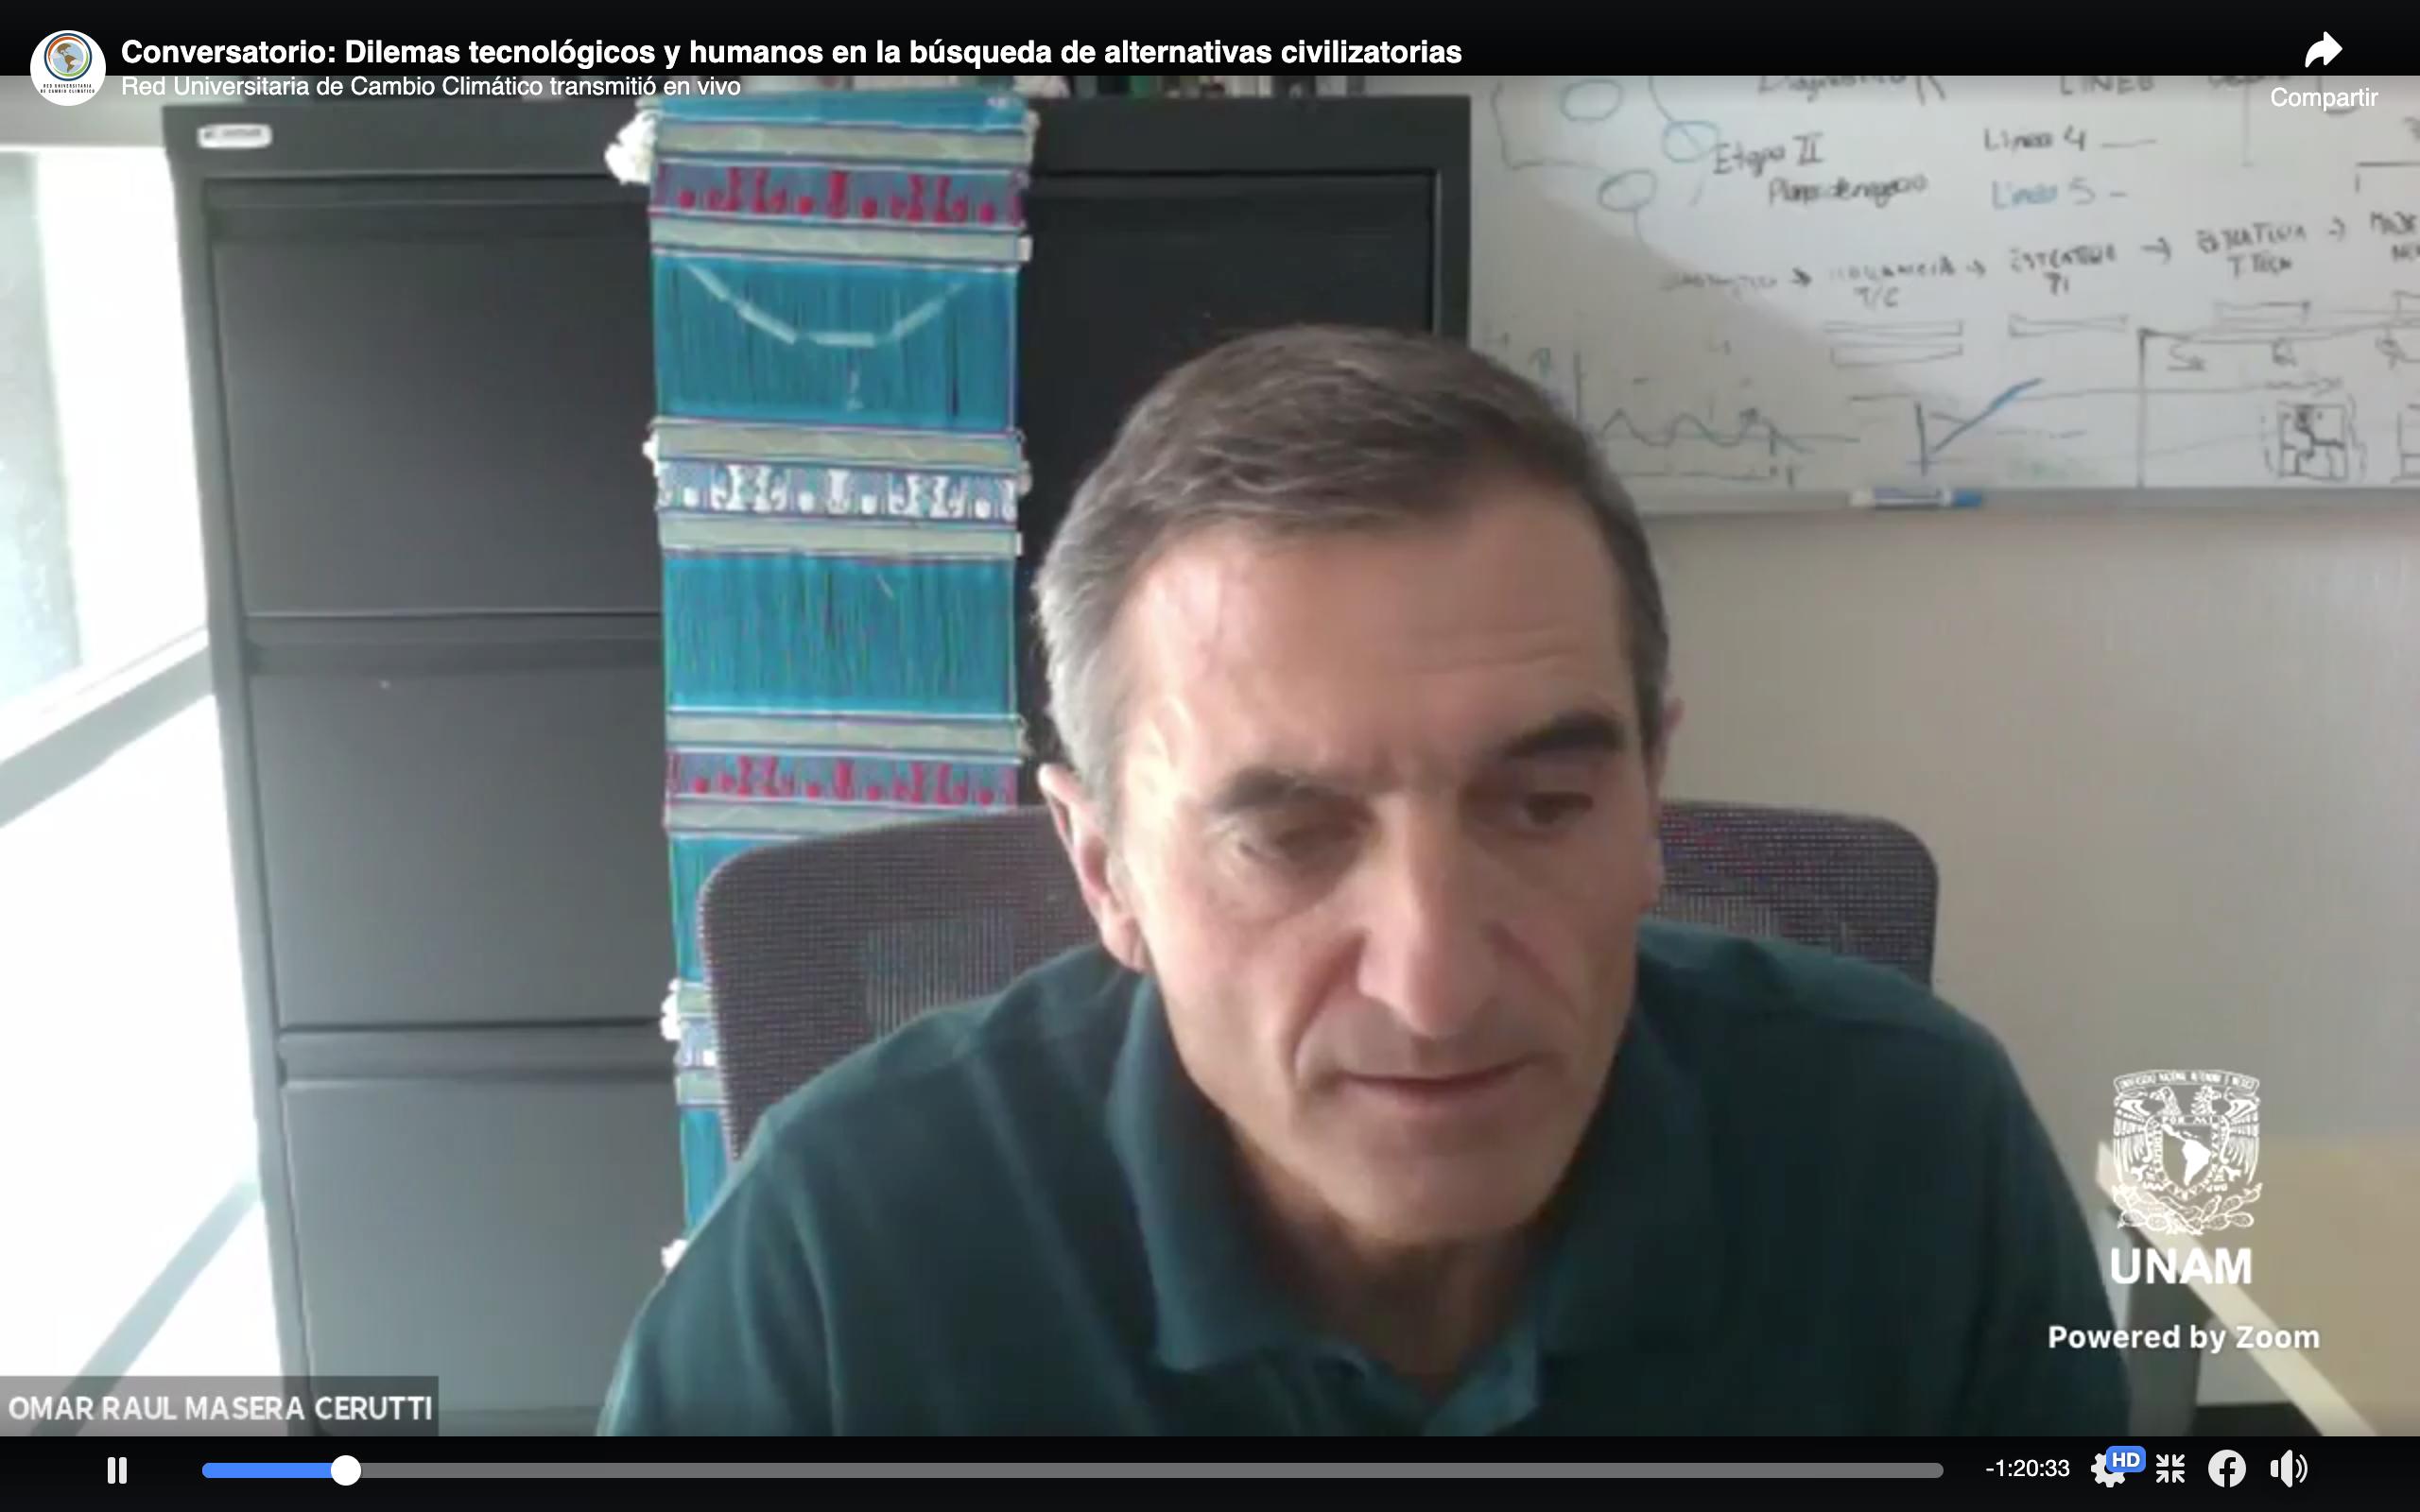 Conversatorio: Dilemas tecnológicos y humanos en la búsqueda de alternativas civilizatorias